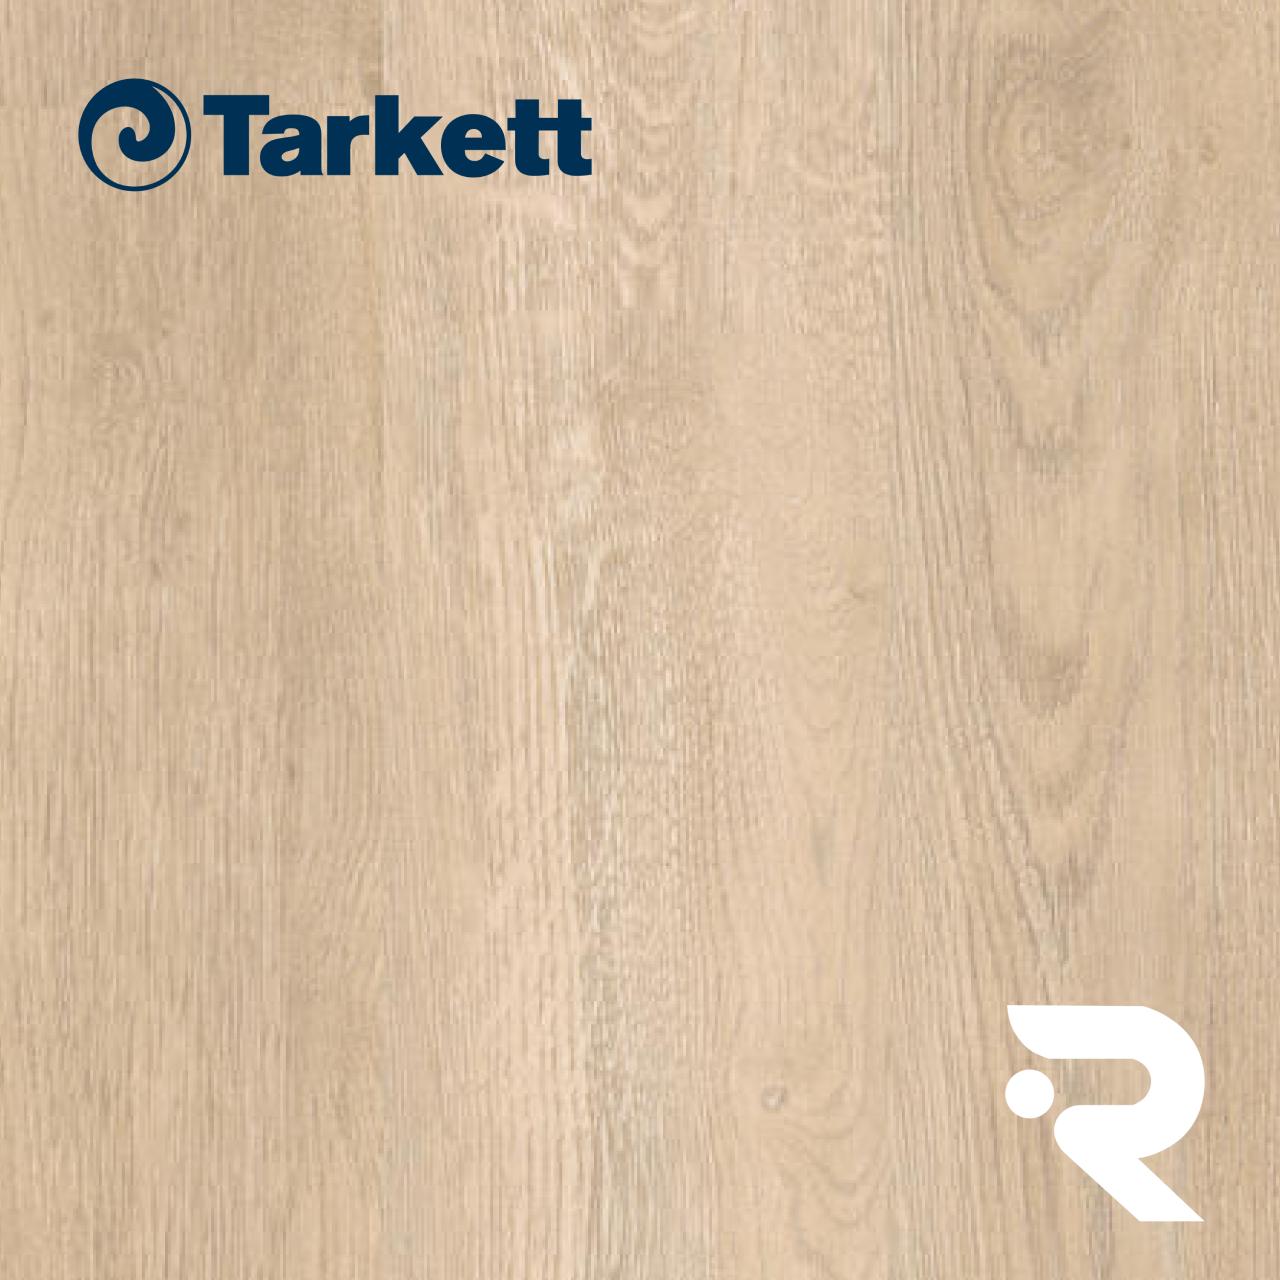 🌳 ПВХ плитка Tarkett   NEW AGE - MARTIN DJ   Art Vinyl   914 x 152 мм